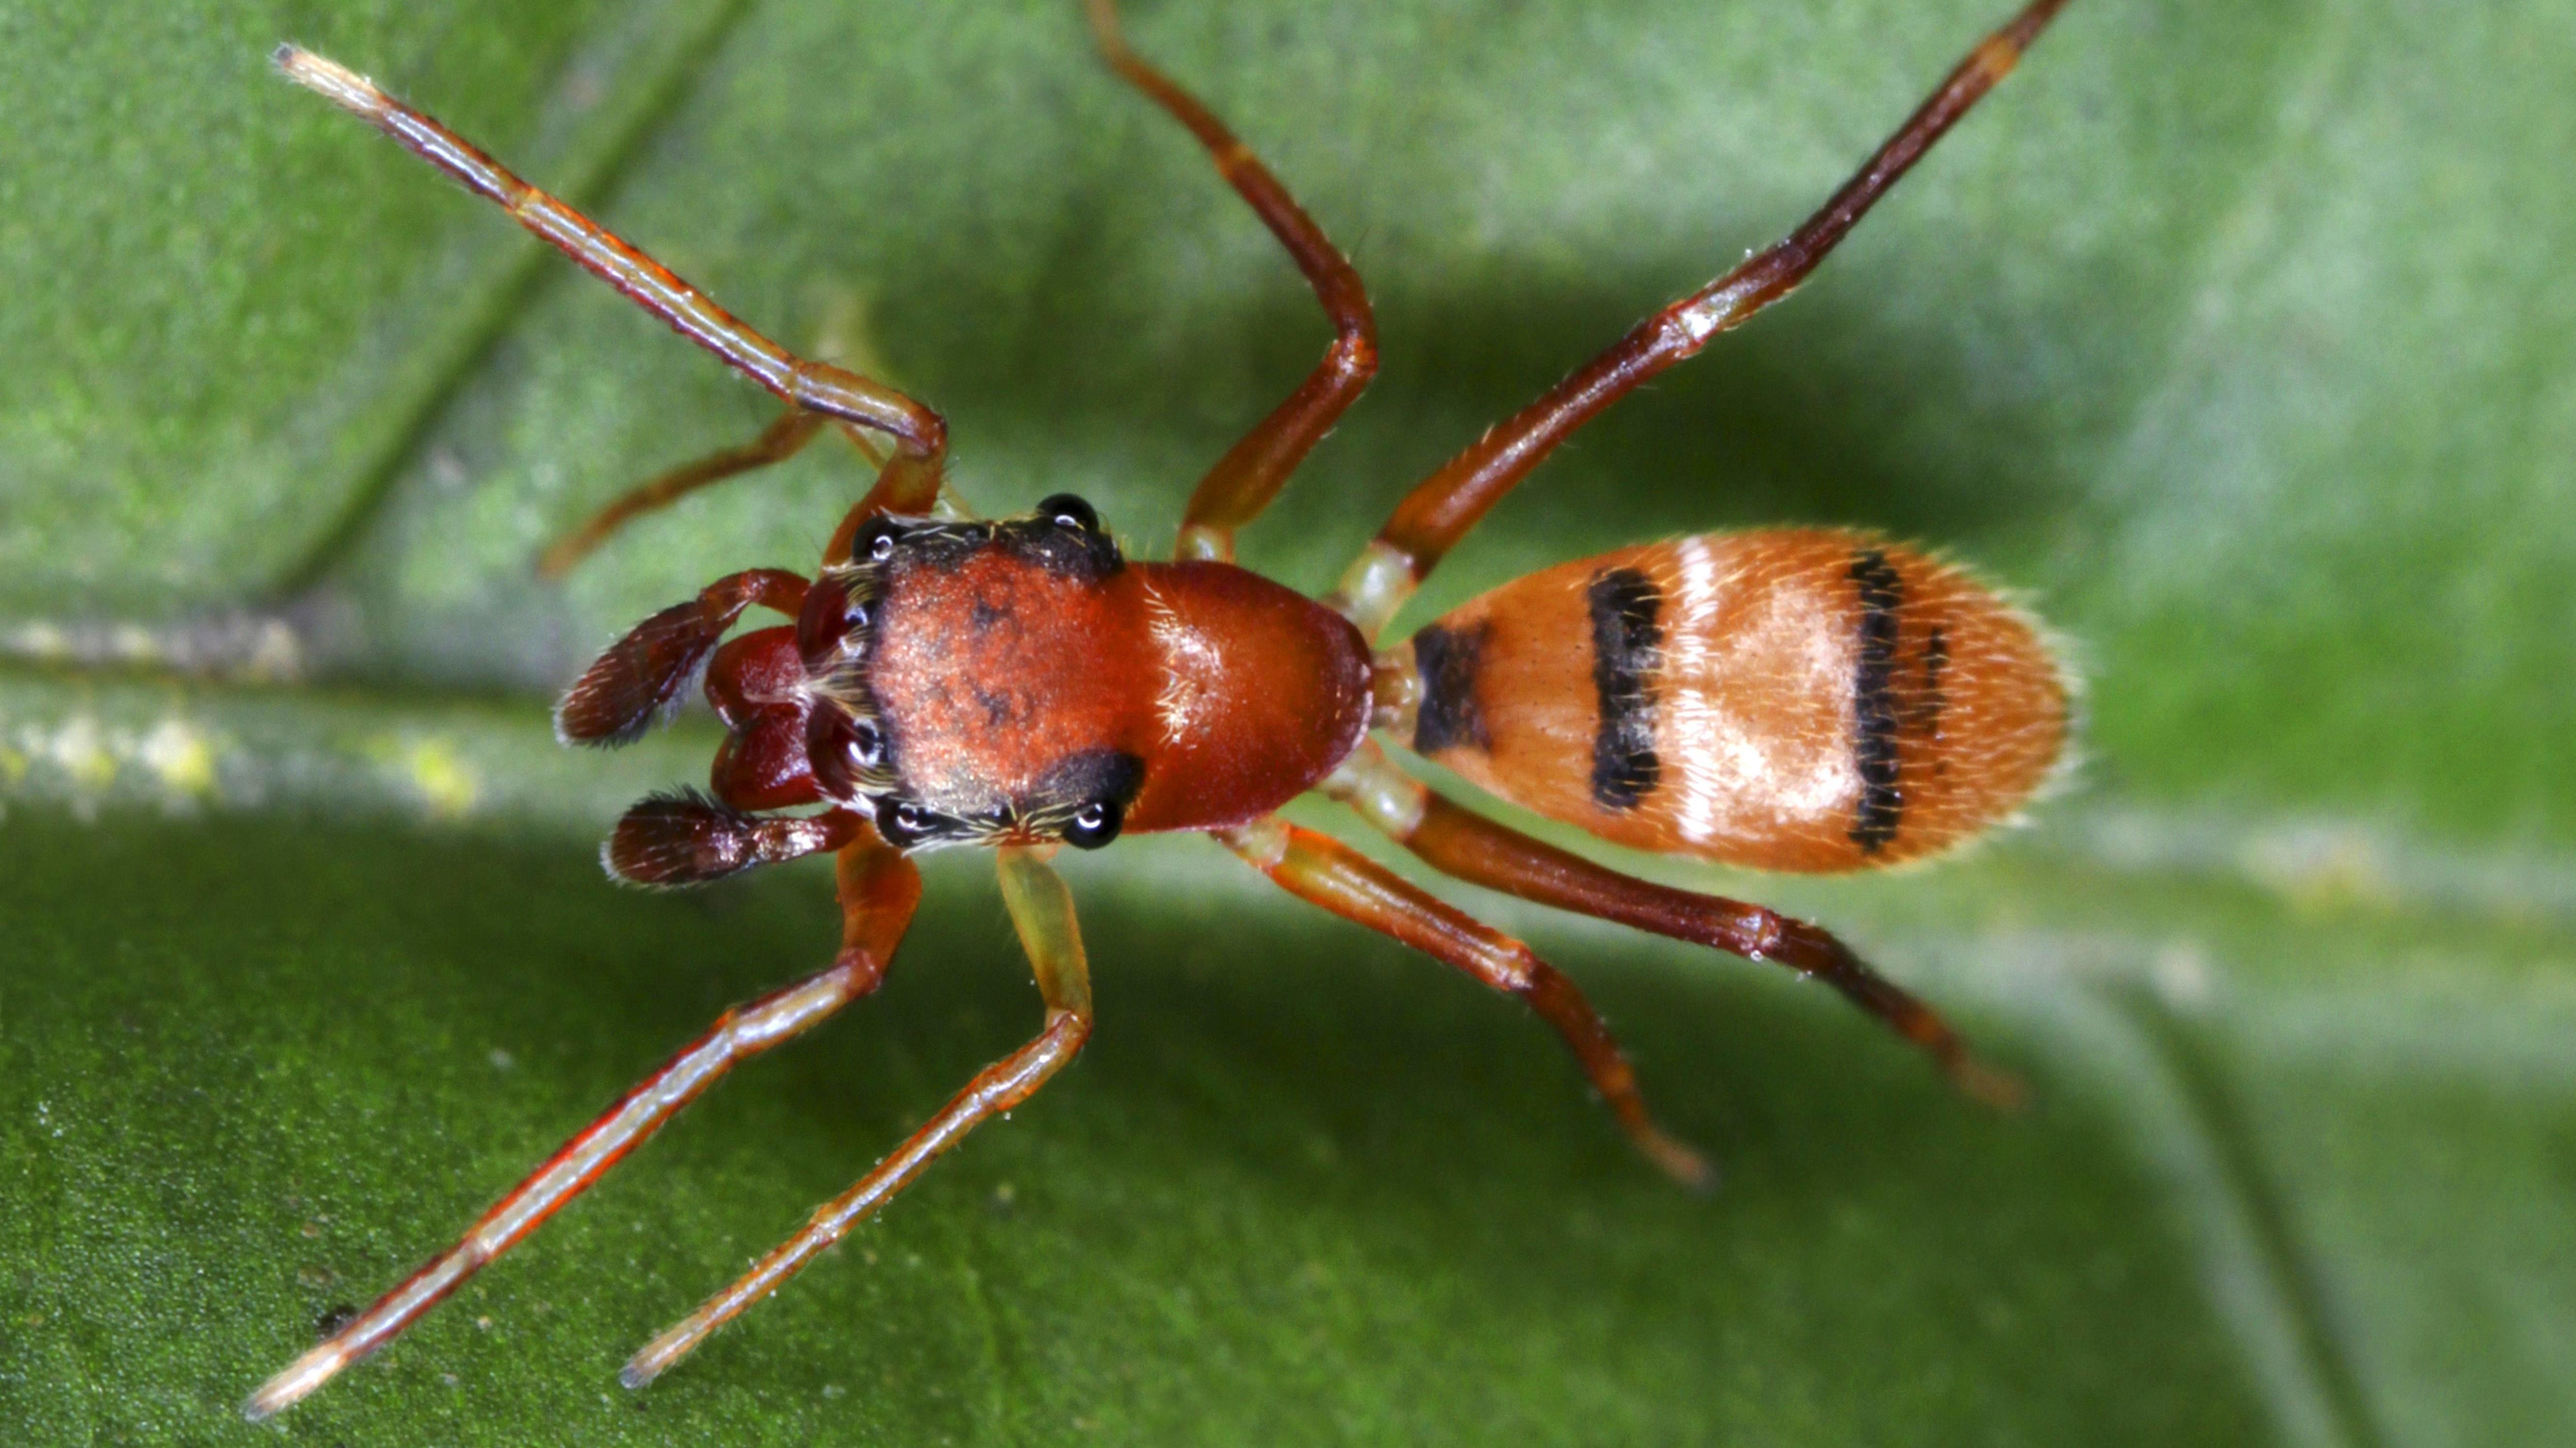 Die Ameisenspringspinne erlegt ihre Beute mit ihren großen Kieferklauen.